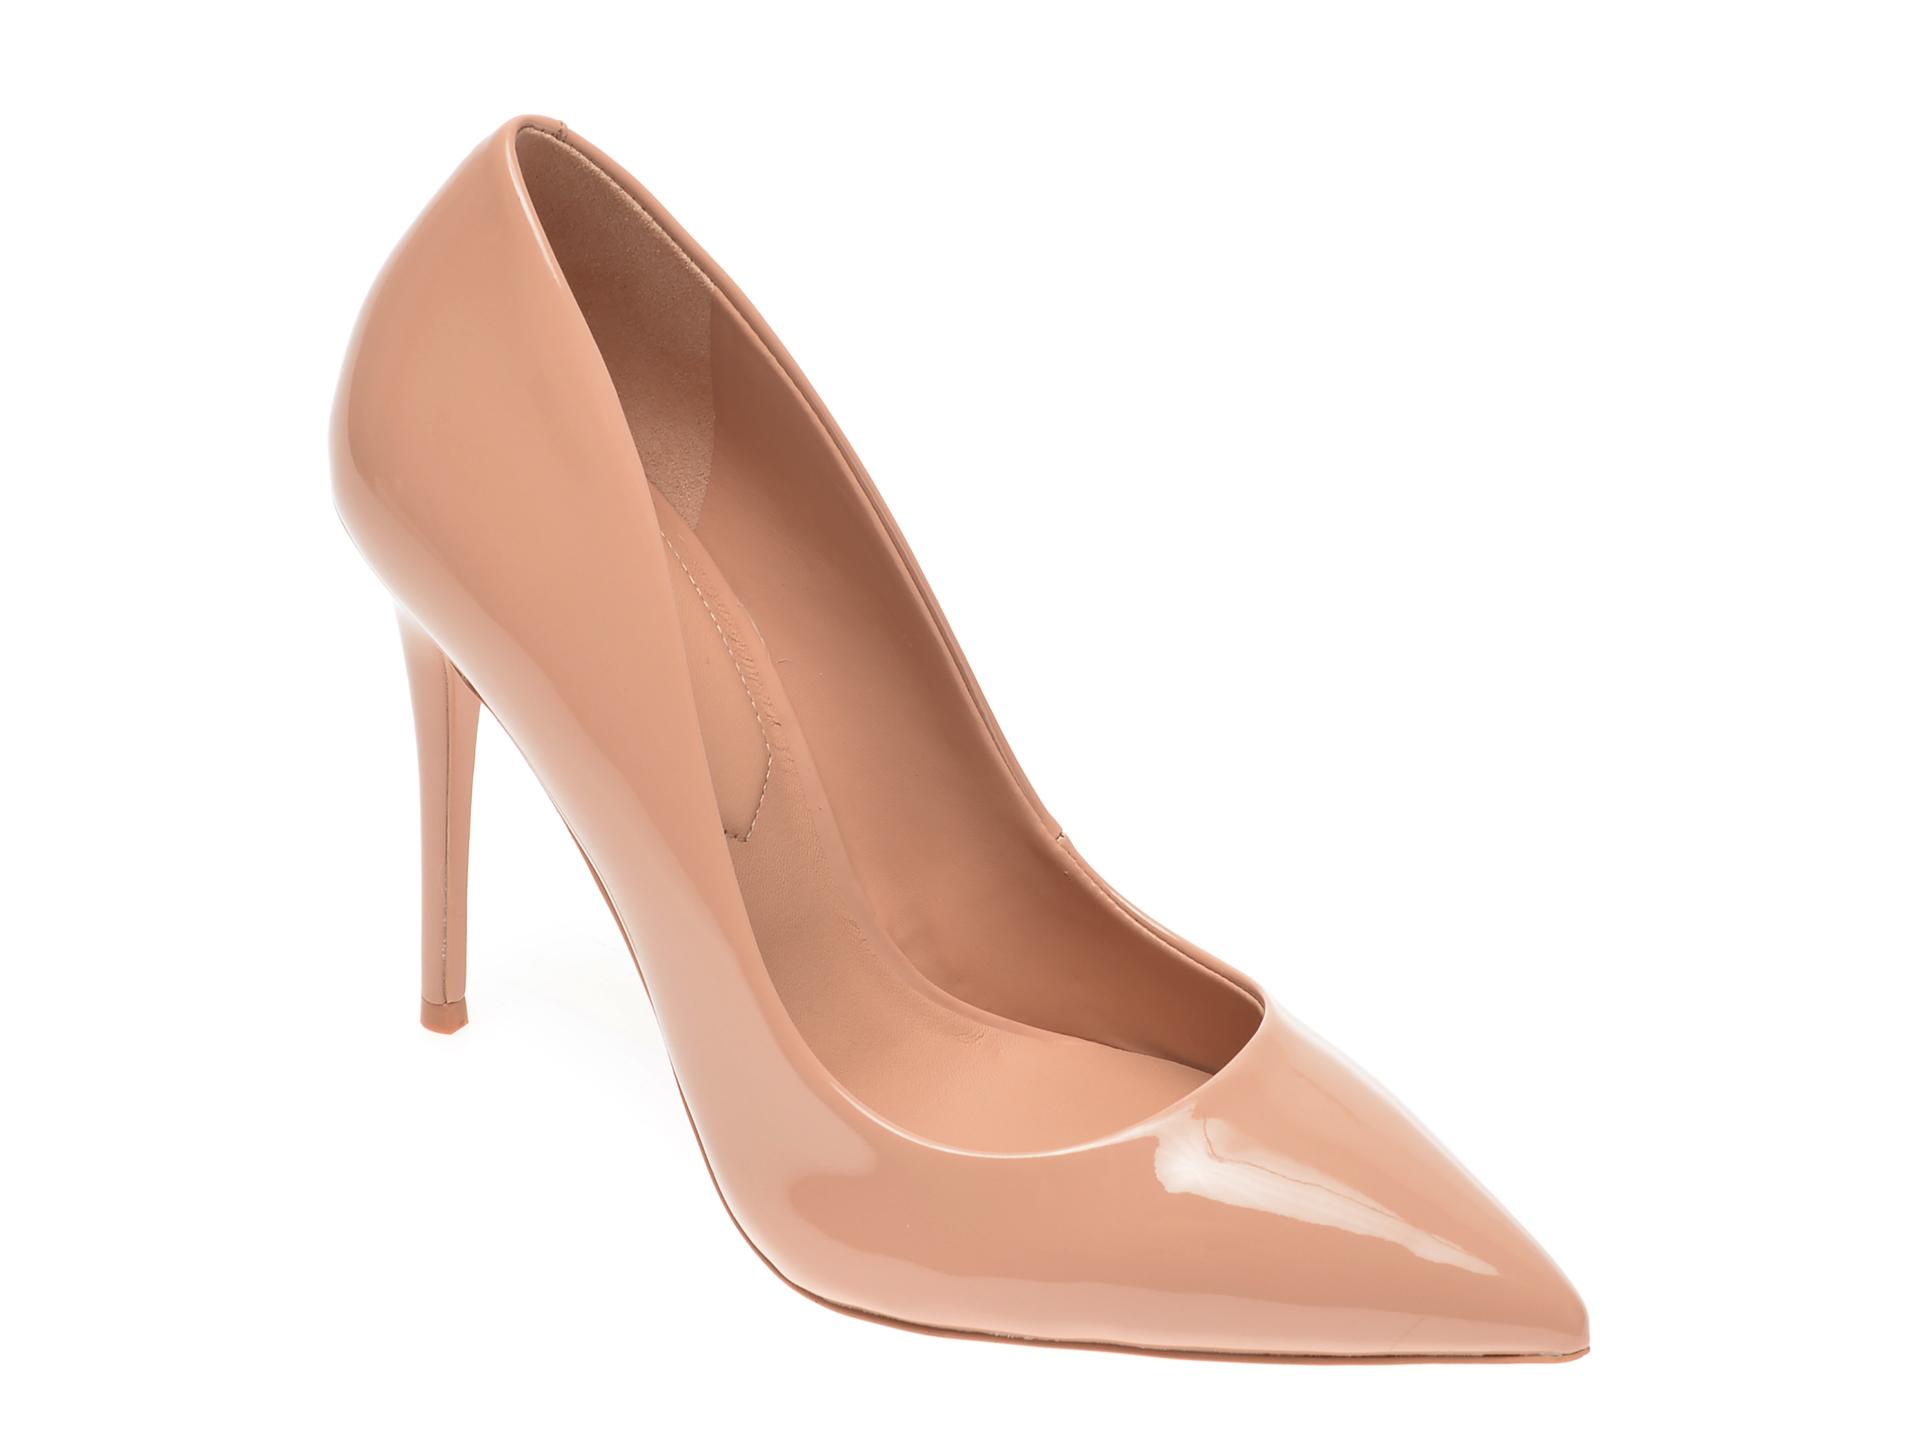 Pantofi ALDO nude, Stessy_270, din piele ecologica imagine otter.ro 2021